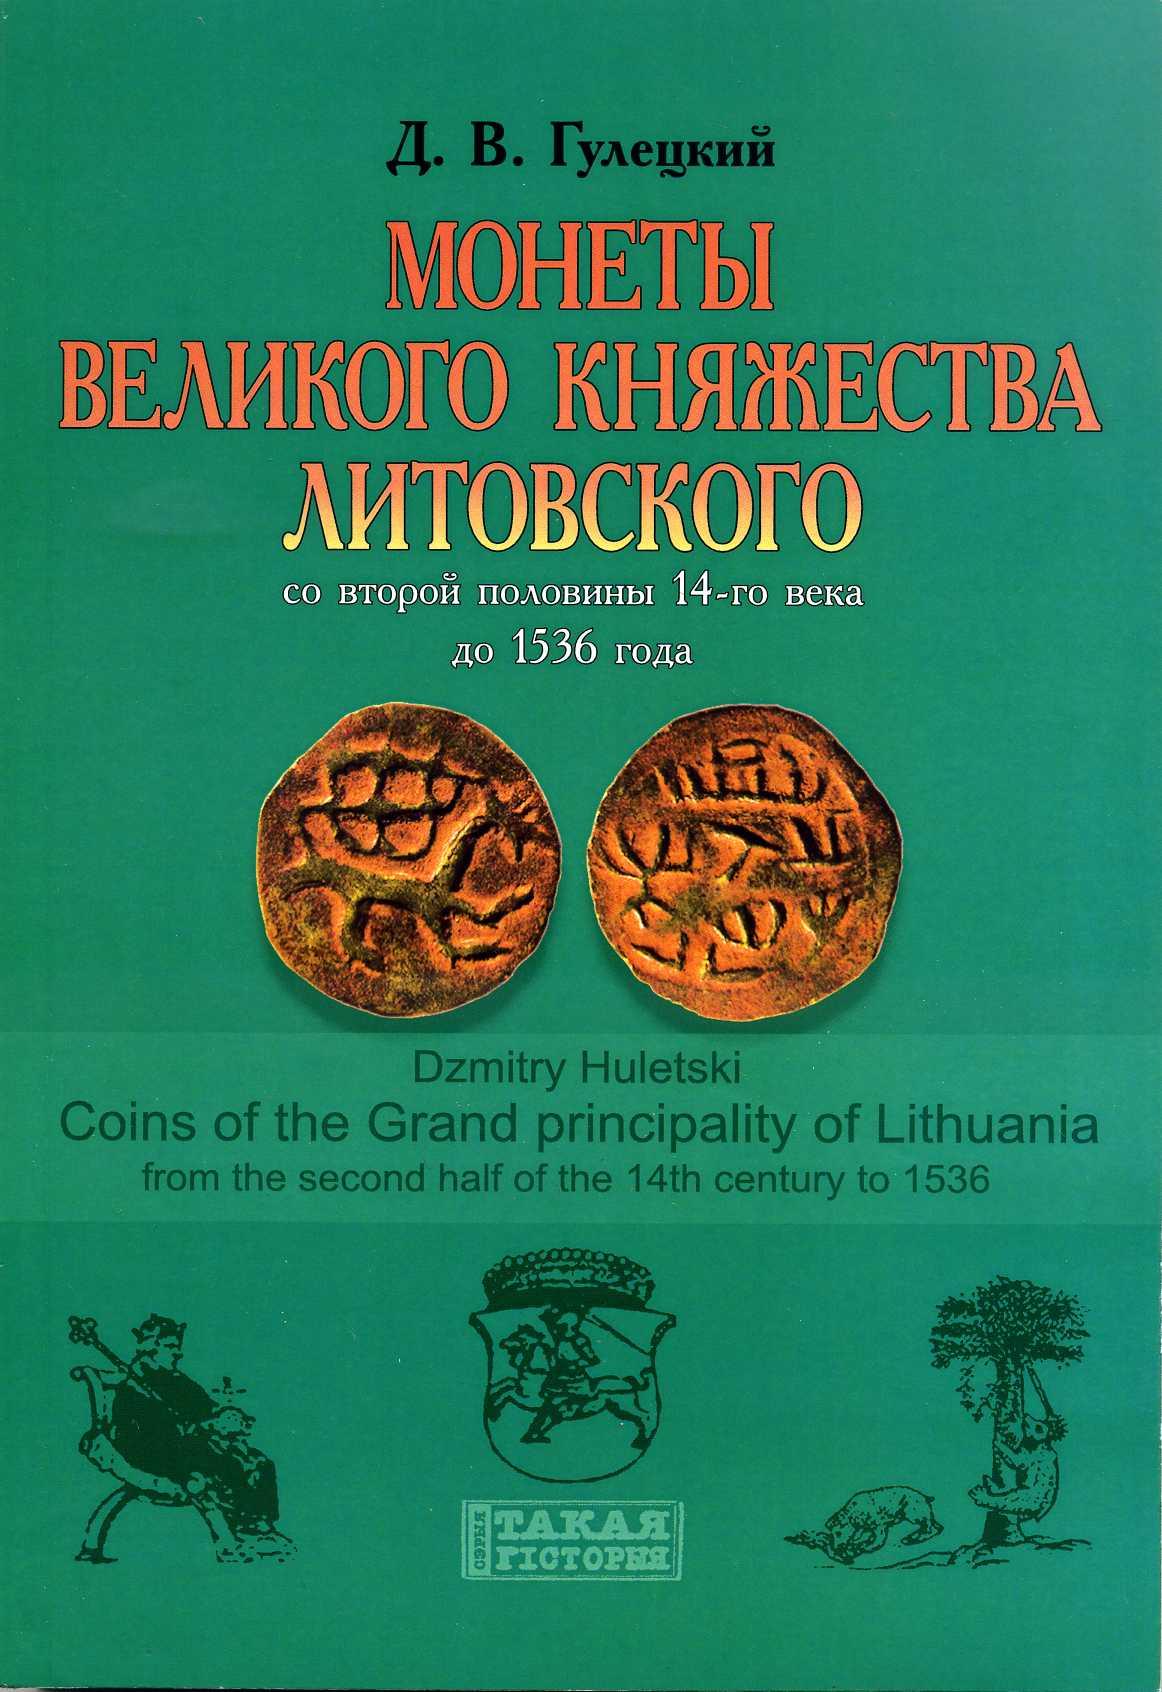 Русские монеты Каталог » Мир книг-скачать книги бесплатно